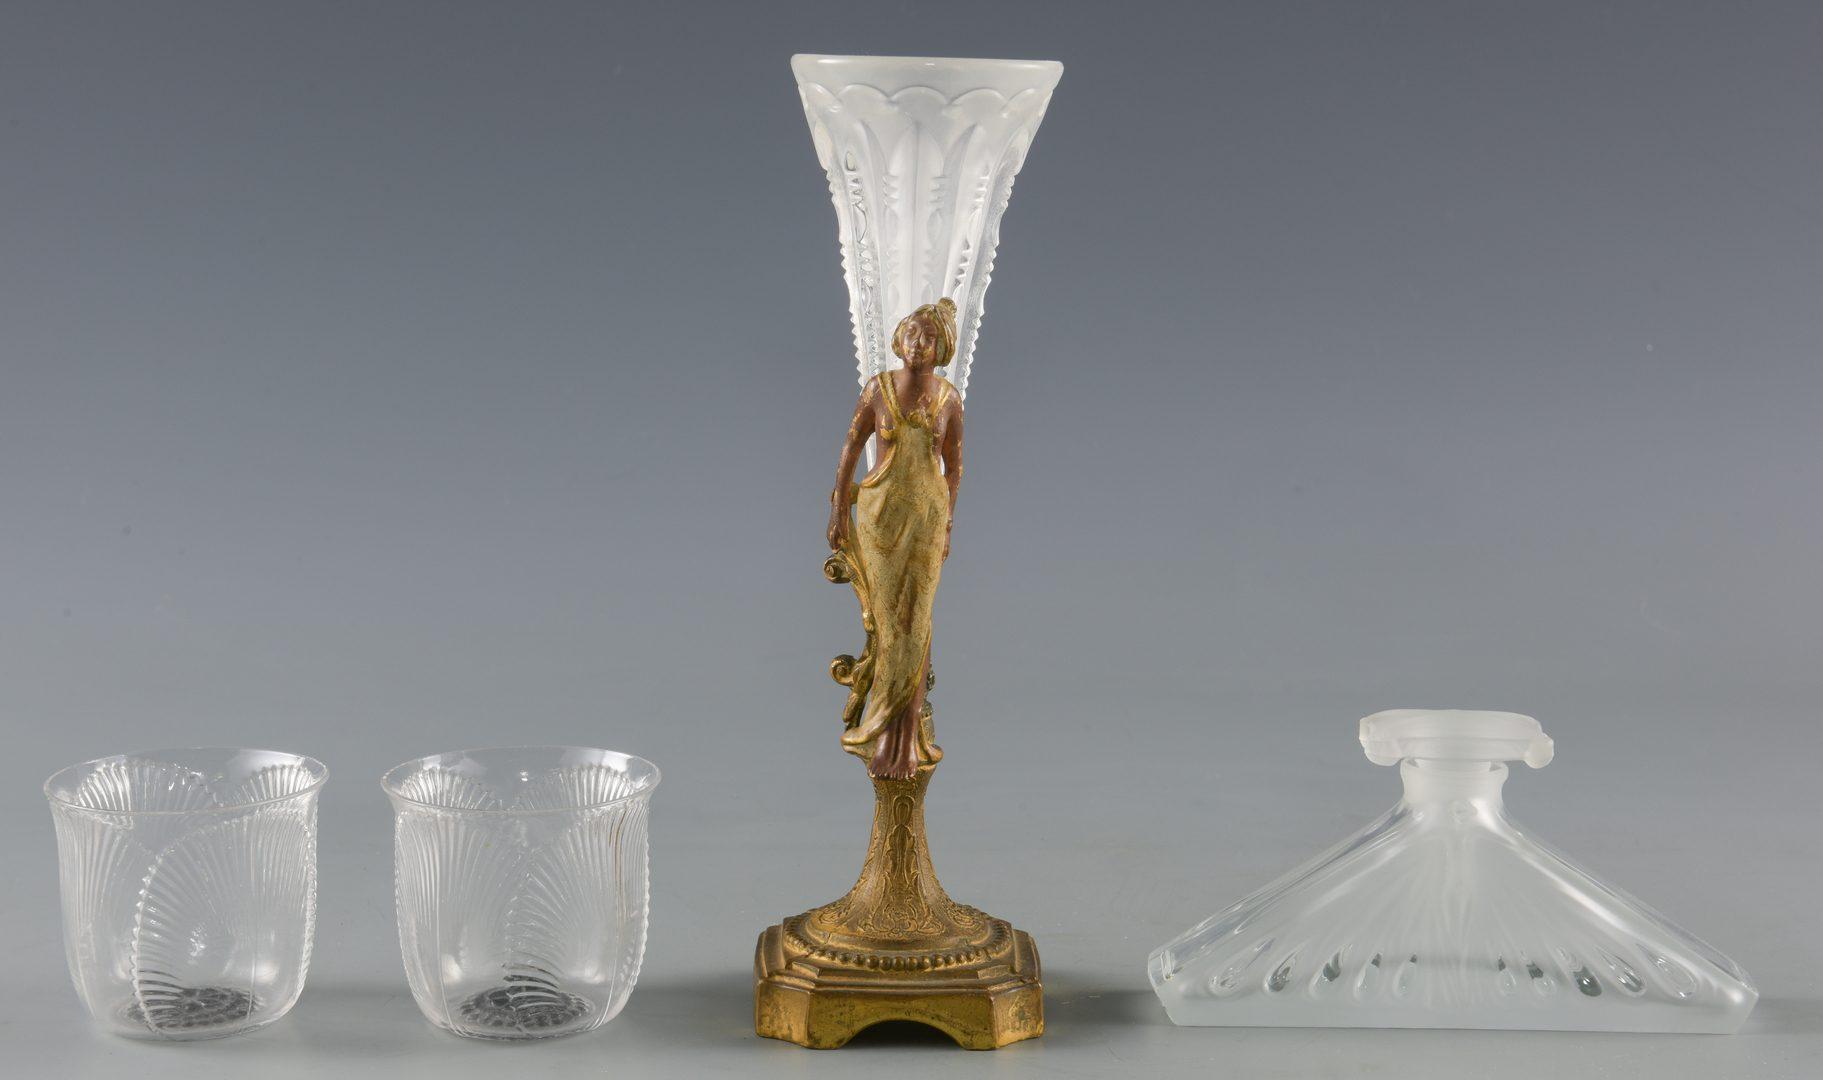 Lot 421: Lalique & Brosse Glassware, 11 pcs